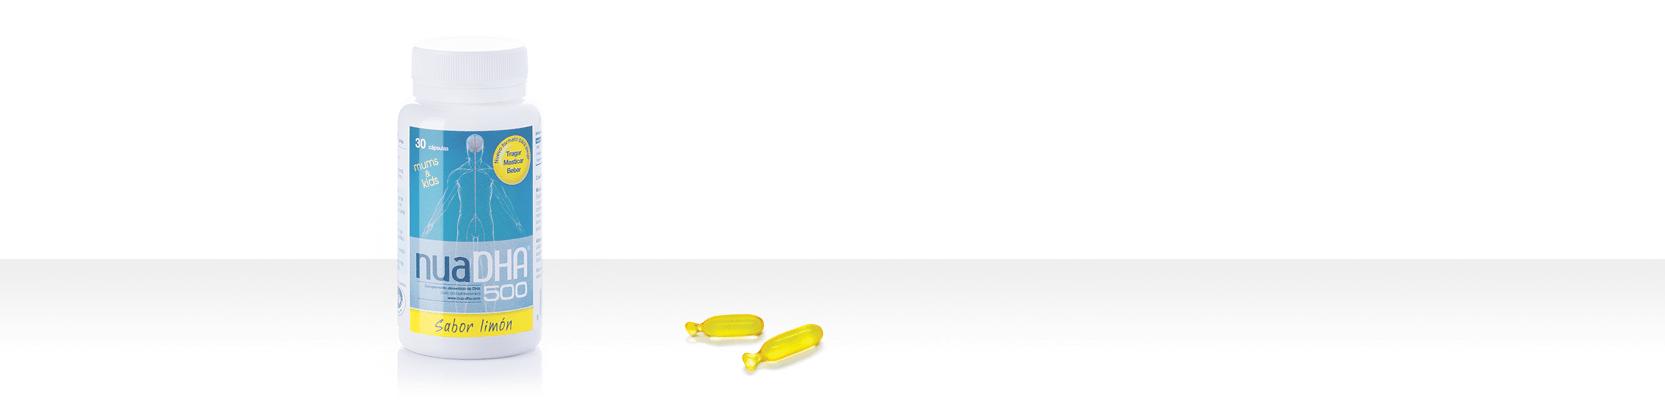 NuaDHA Limon